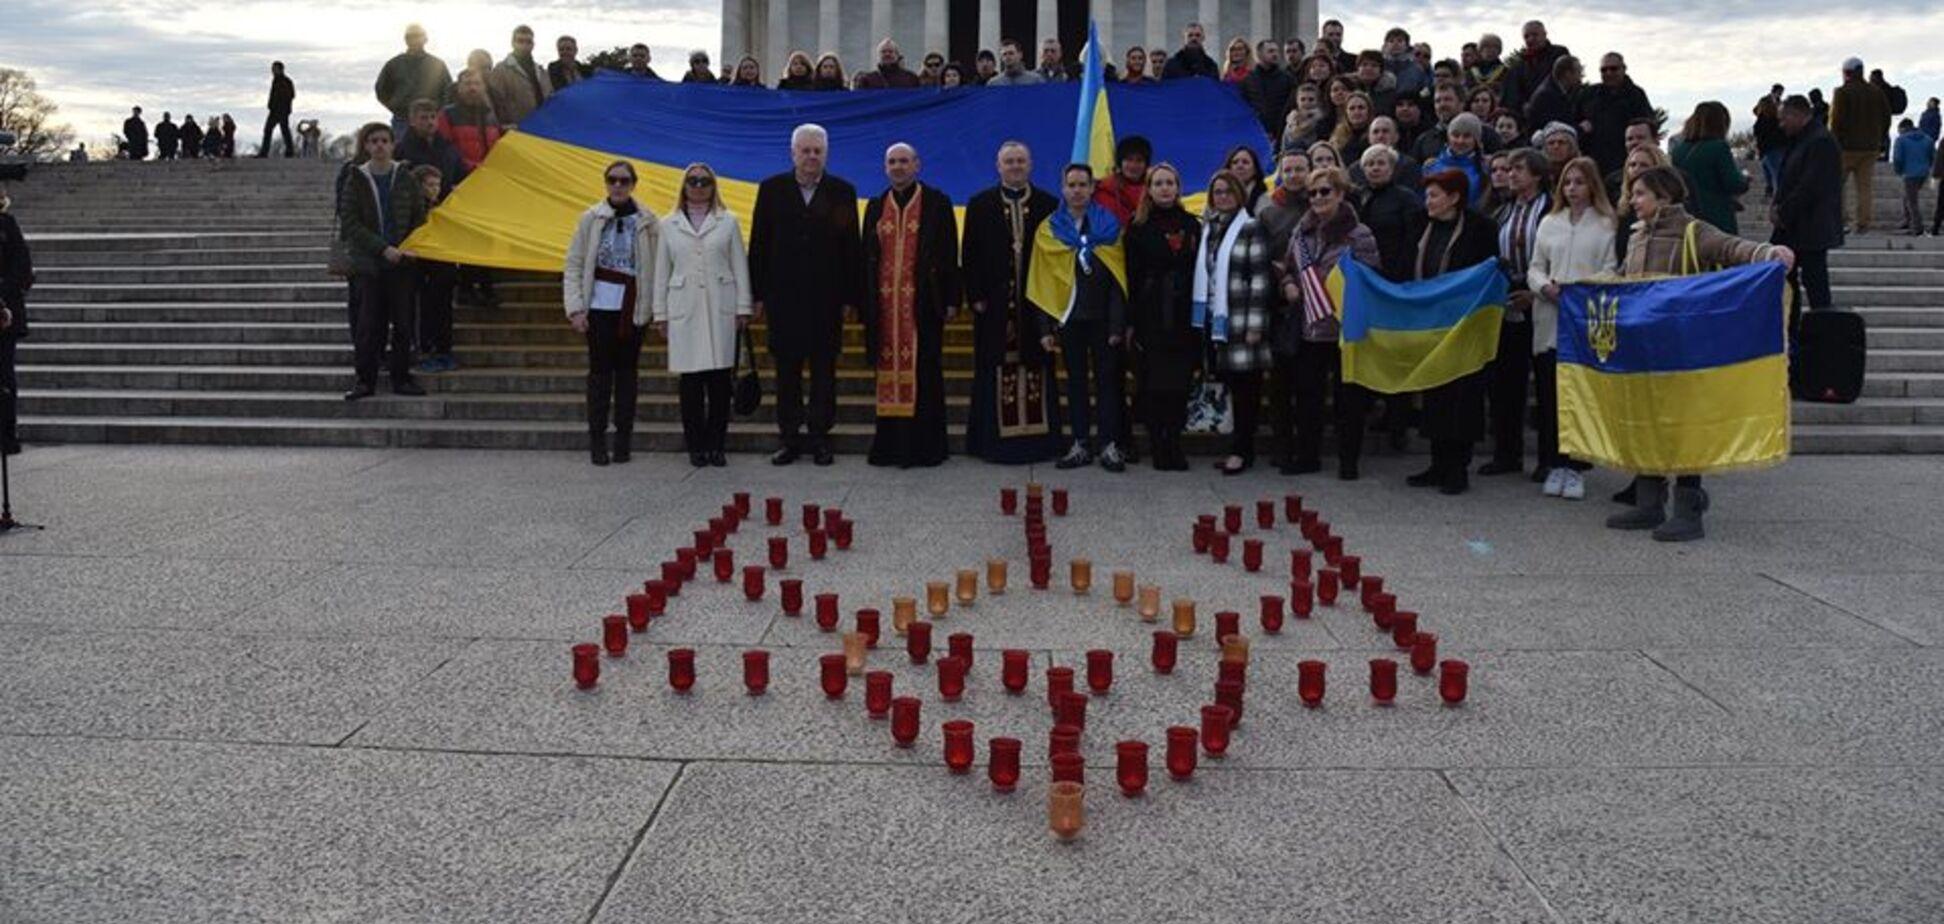 Запалили свічки у формі герба: у США вшанували пам'ять Героїв Небесної Сотні. Фото